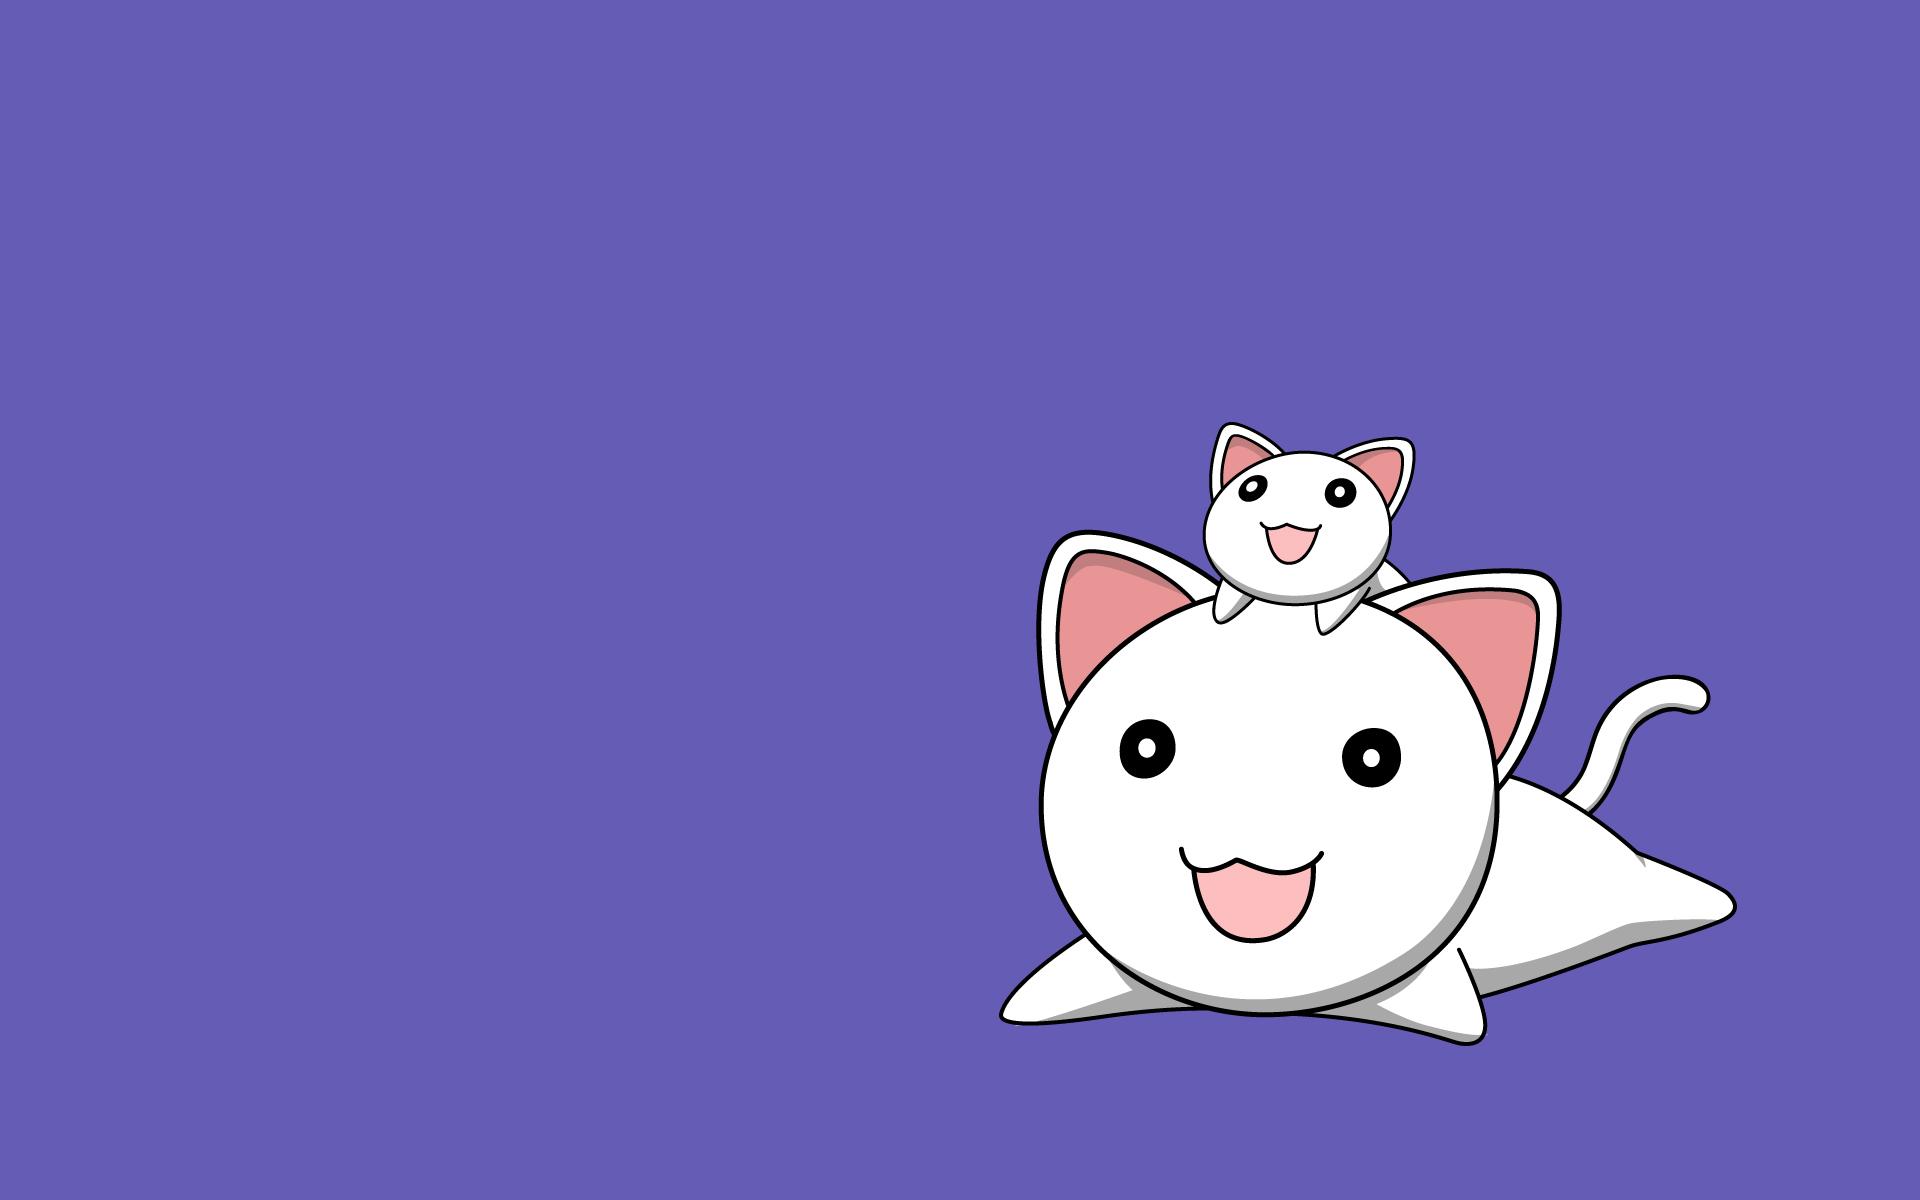 animal azumanga_daioh cat nekokoneko purple vector